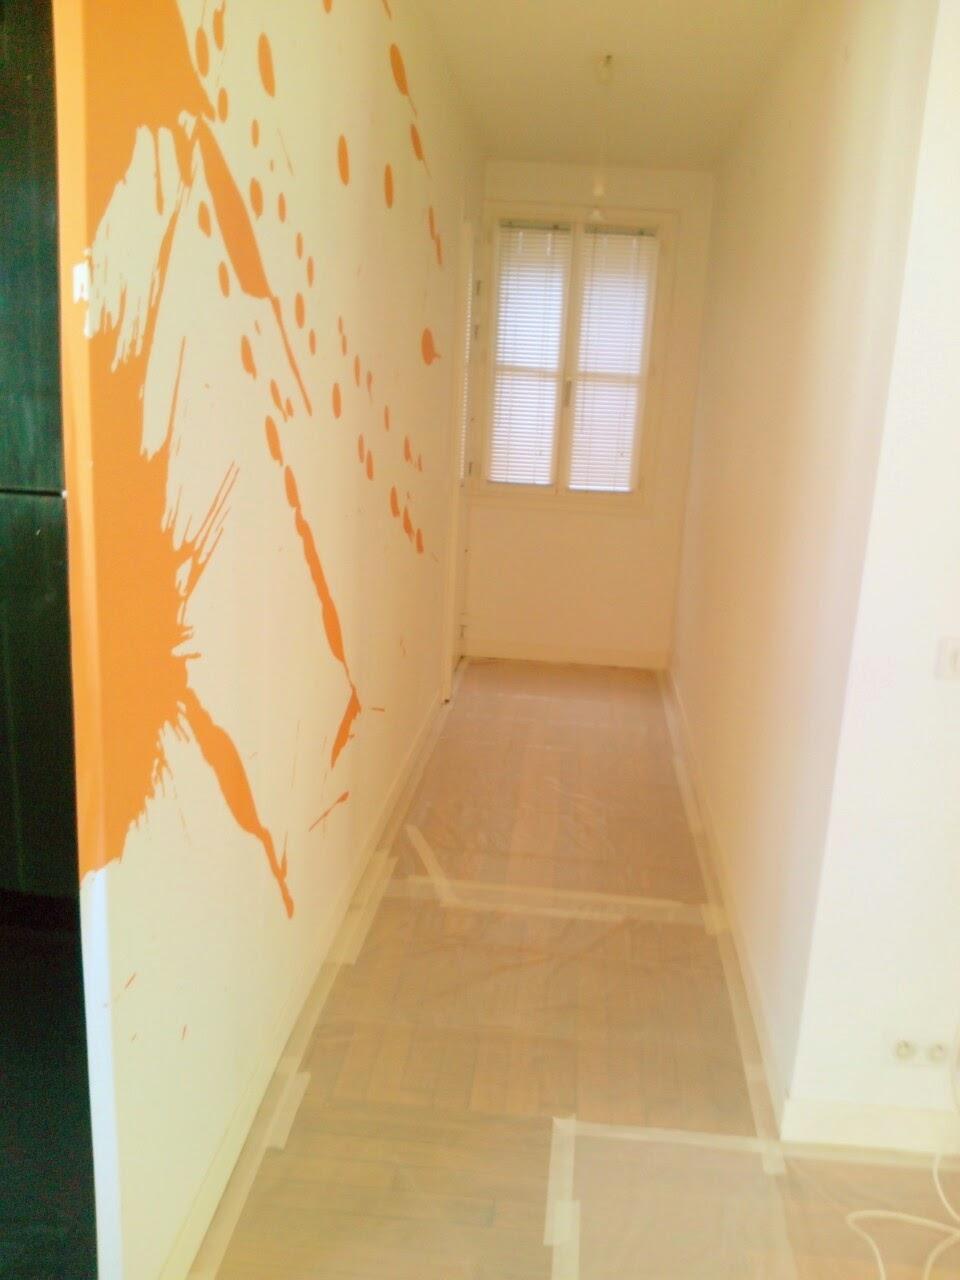 Prix pour une salle de bain villeneuve d 39 ascq site de l - Prix pour refaire une salle de bain ...